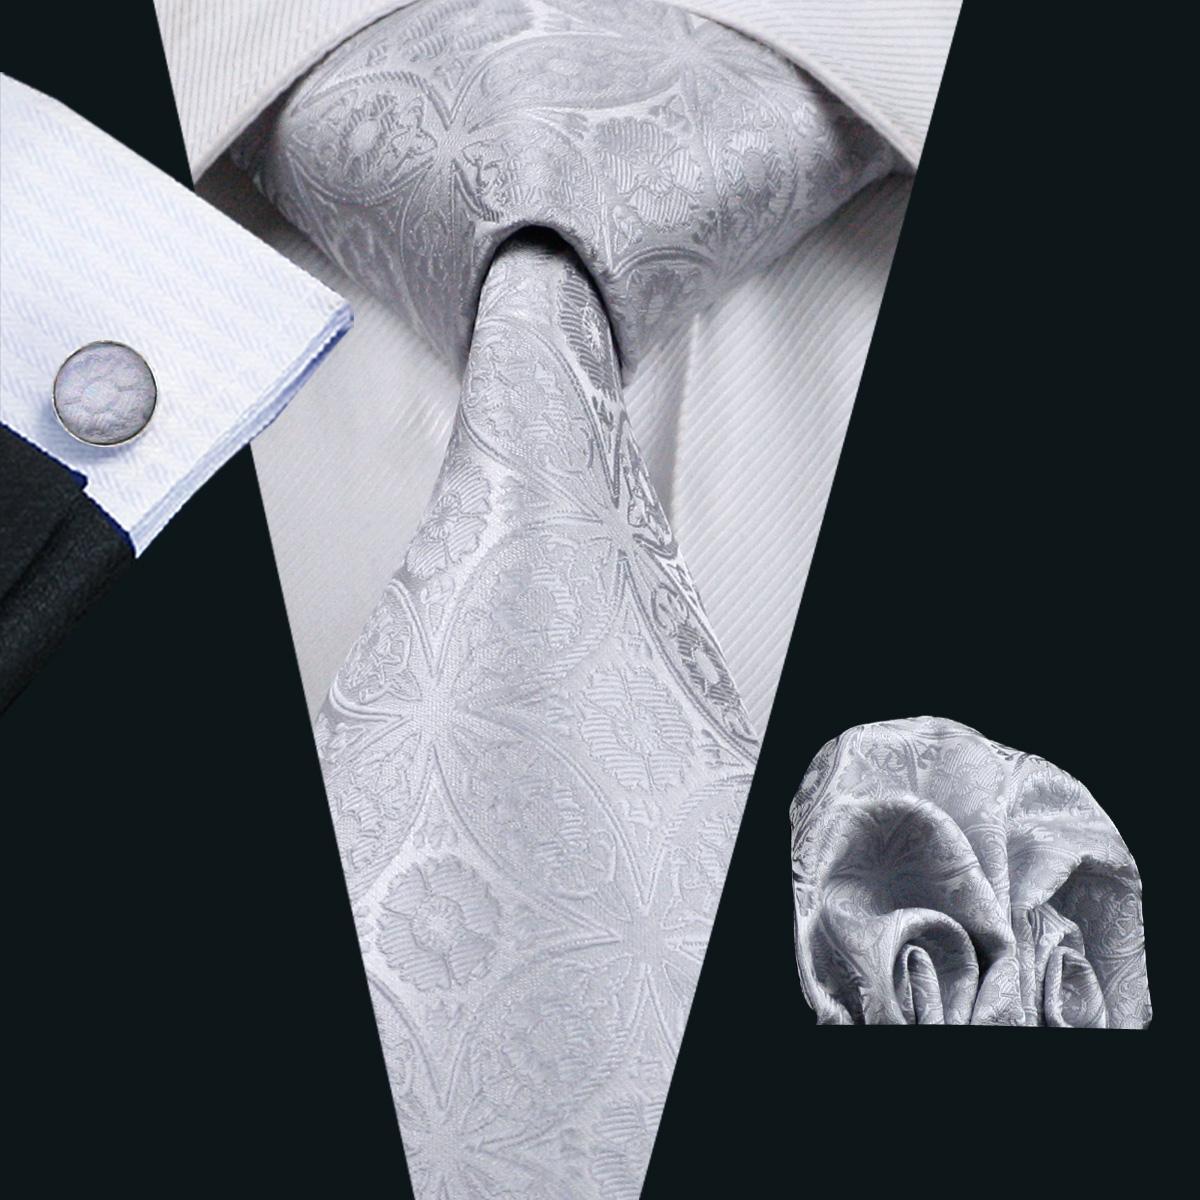 회색 꽃 망 실크 넥타이 포켓 스퀘어 커프스 단추 넥타이 세트 자카드 직물 공식적인 작업 회의 레저 N-0628